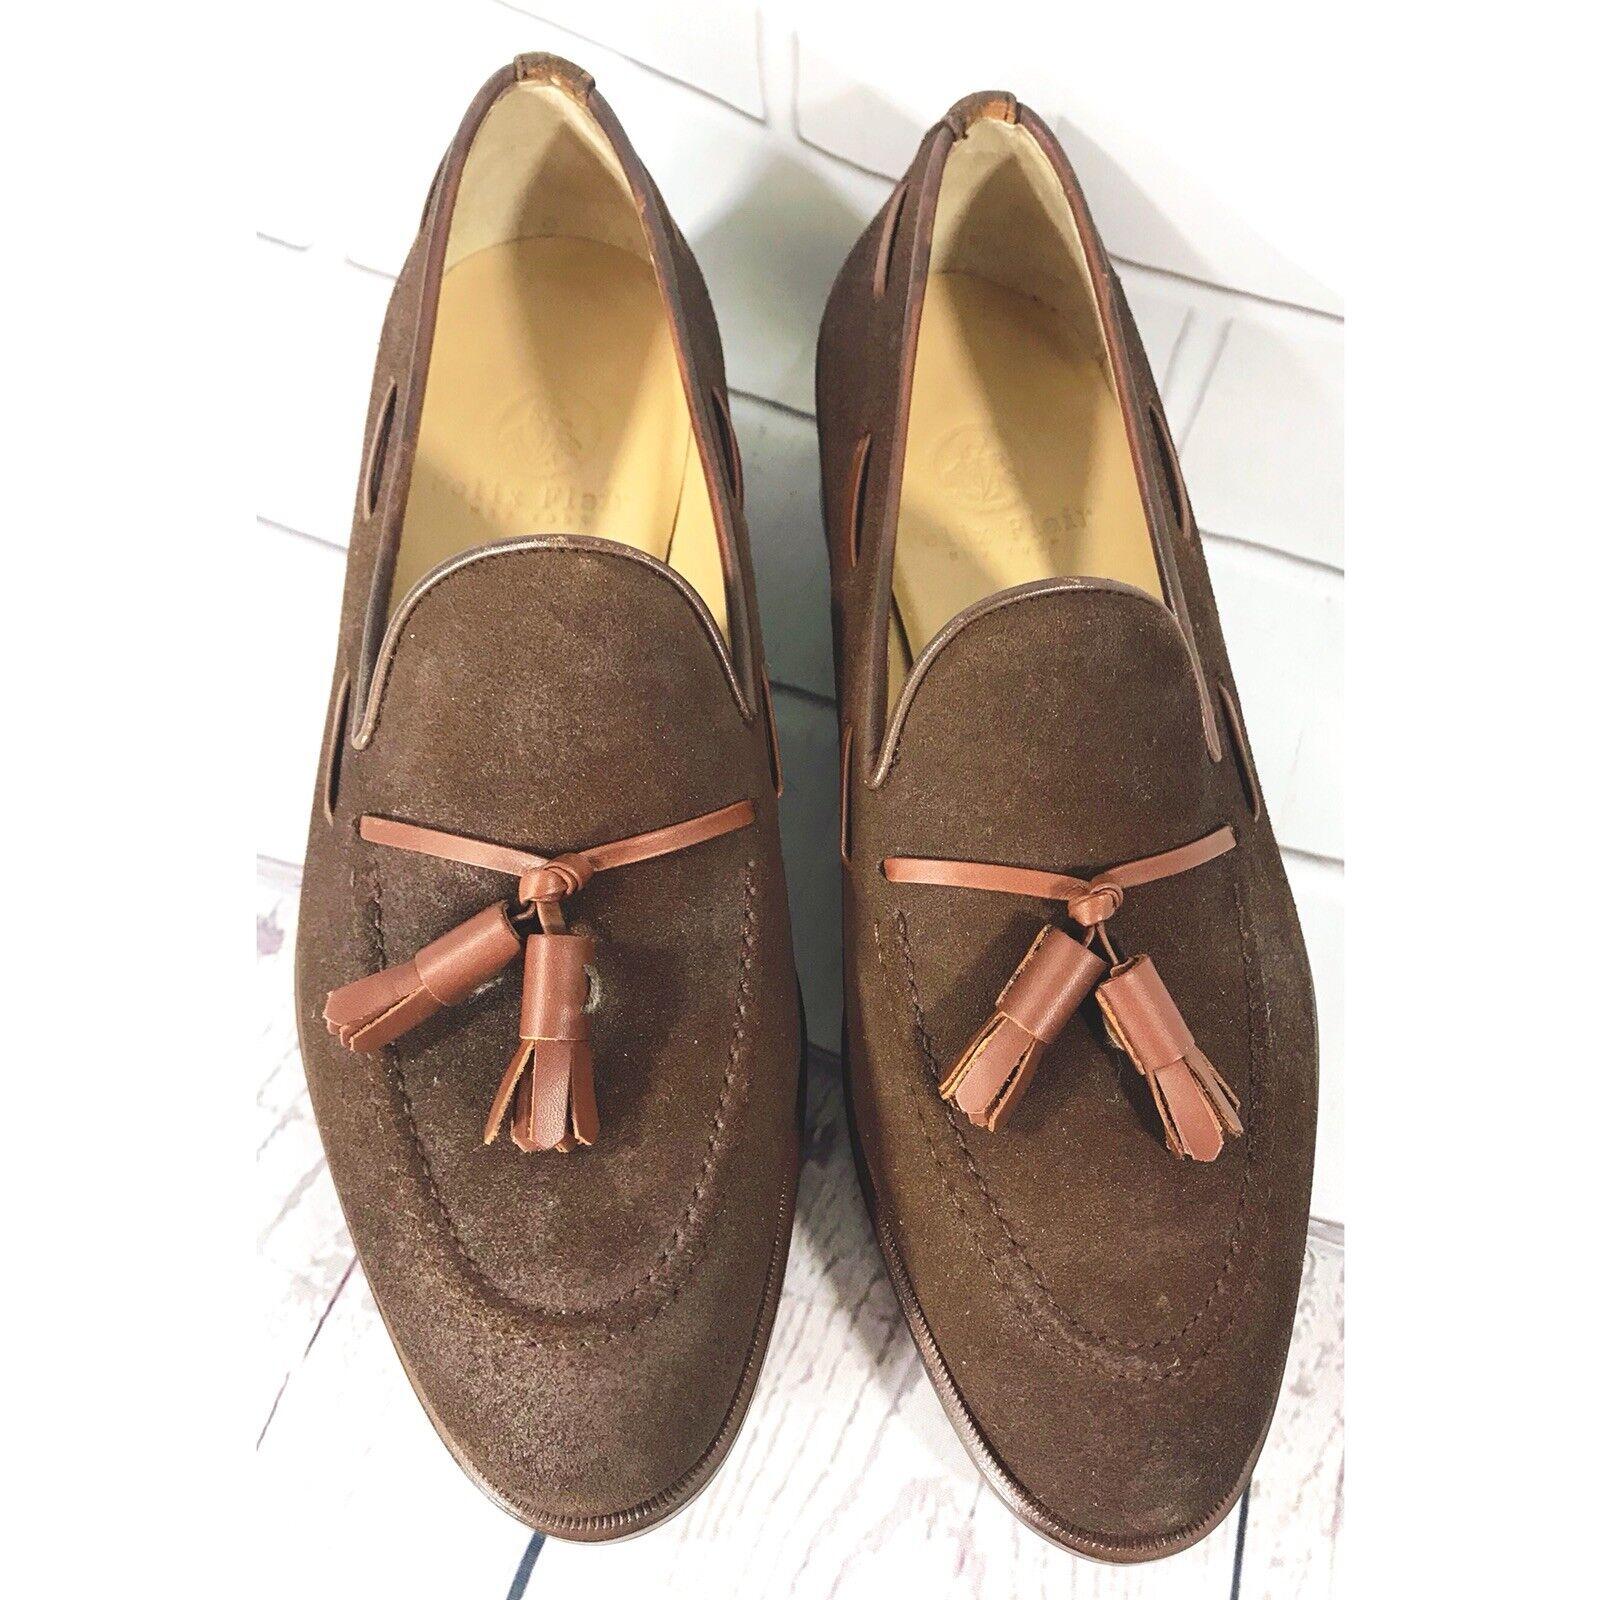 migliore qualità NEW Felix Flair New York The Marrone Loafer Suede Suede Suede Tassel Uomo scarpe Cuero Dimensione 7.5  più sconto